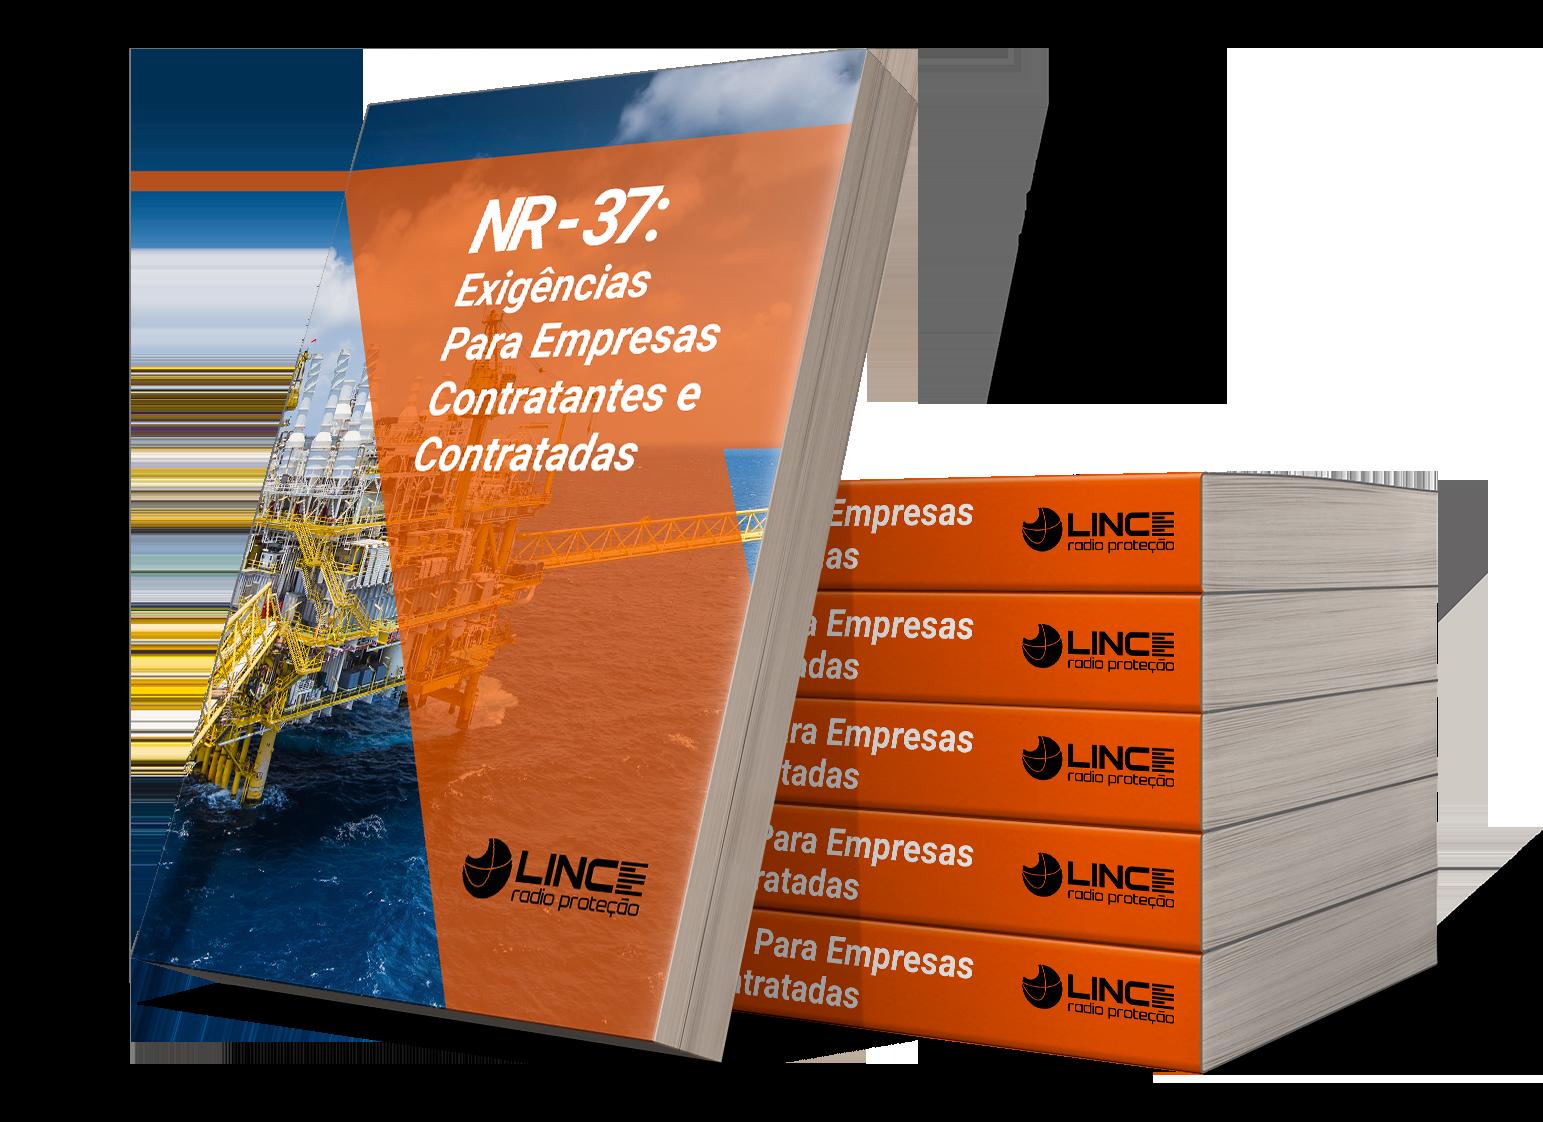 NR-37 Exigências Para Empresas Contratantes e Contratadas